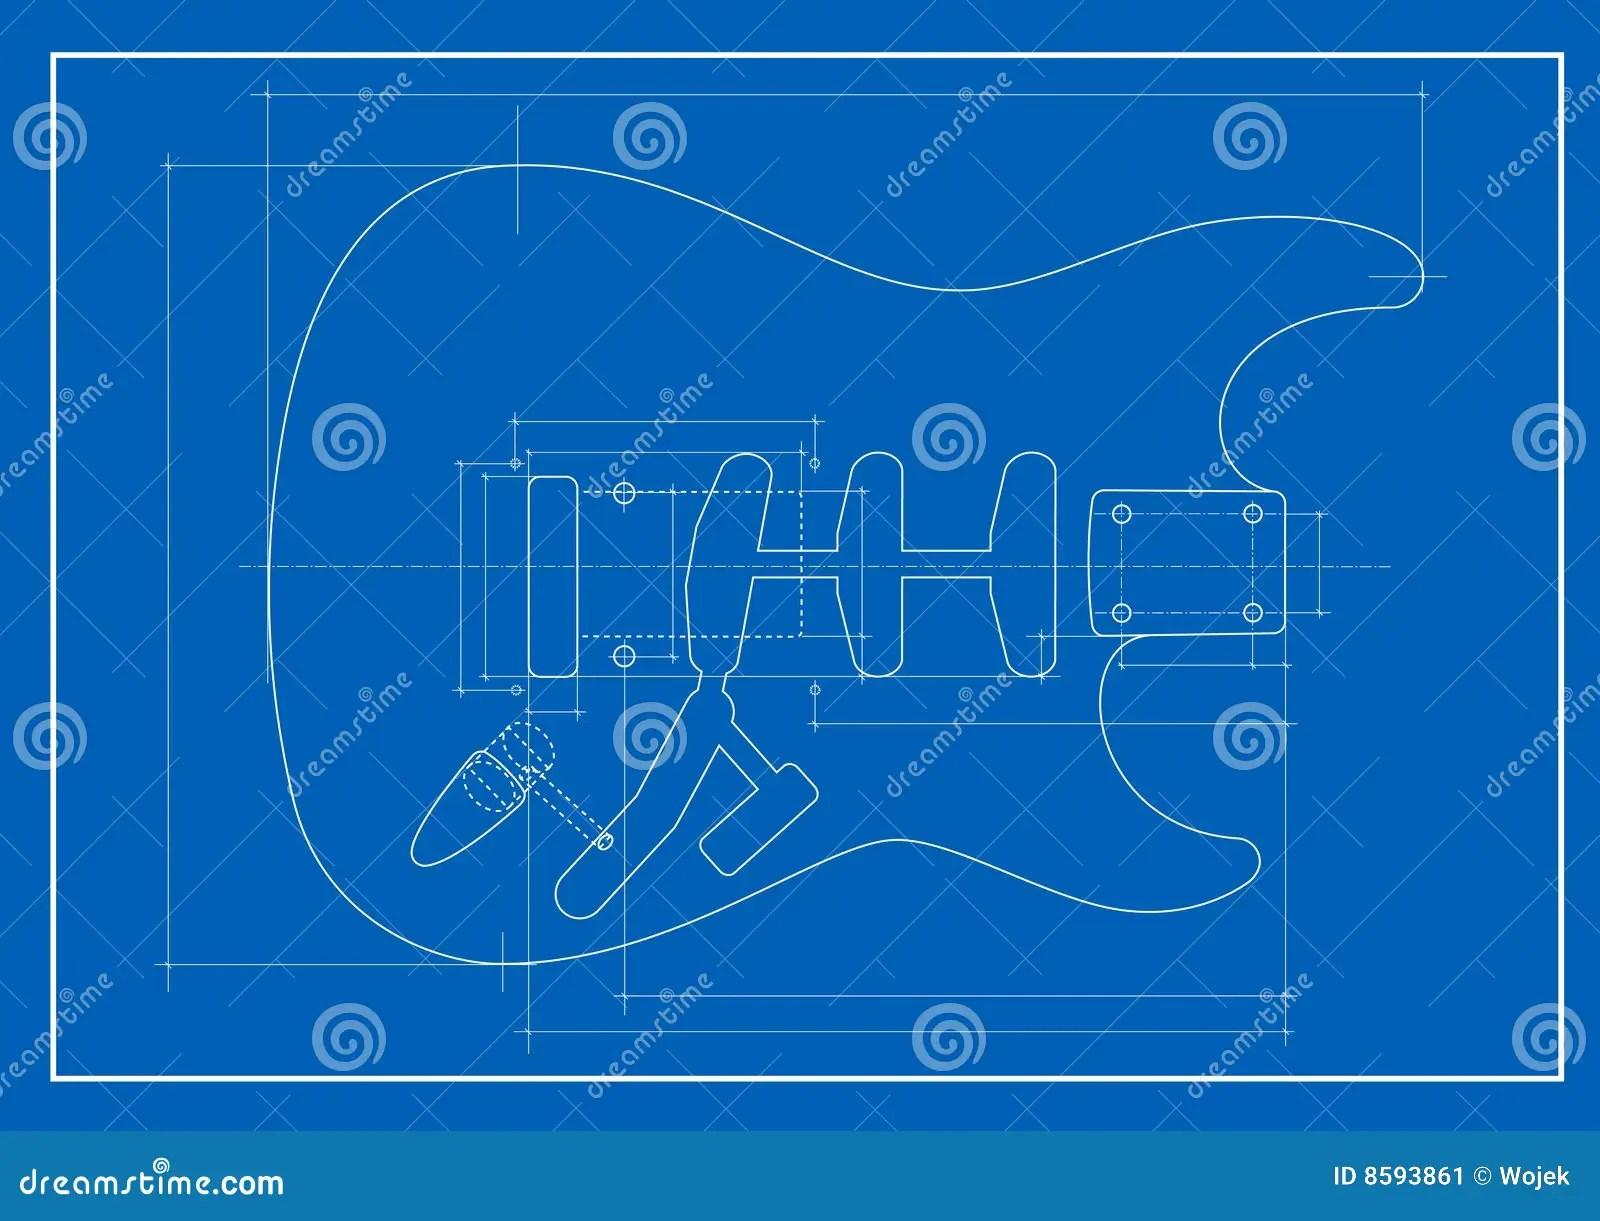 Guitar Blueprint Stock Image